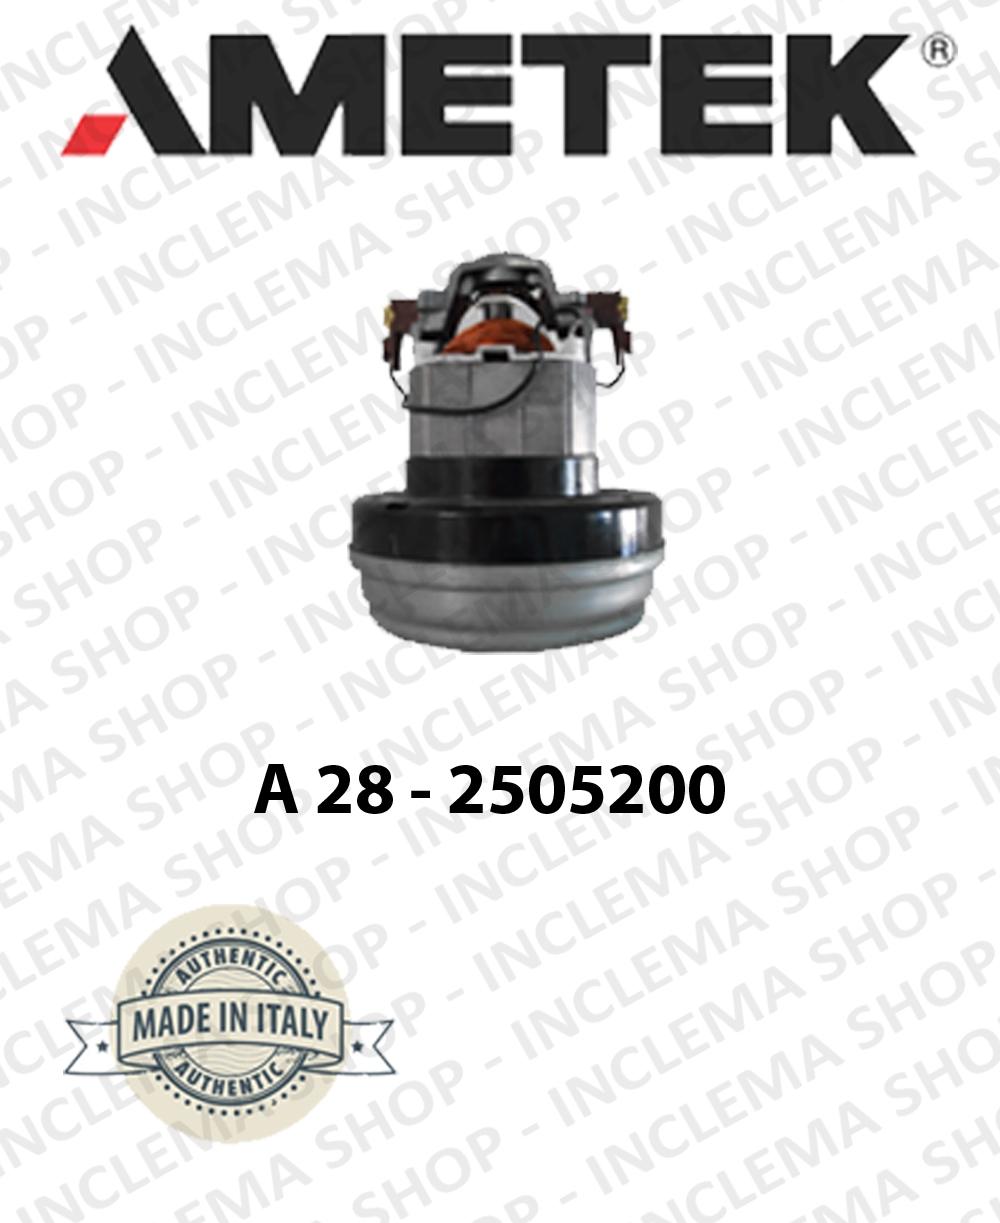 Motore de aspiración A28 - 2505200 AMETEK ITALIA para aspiradora